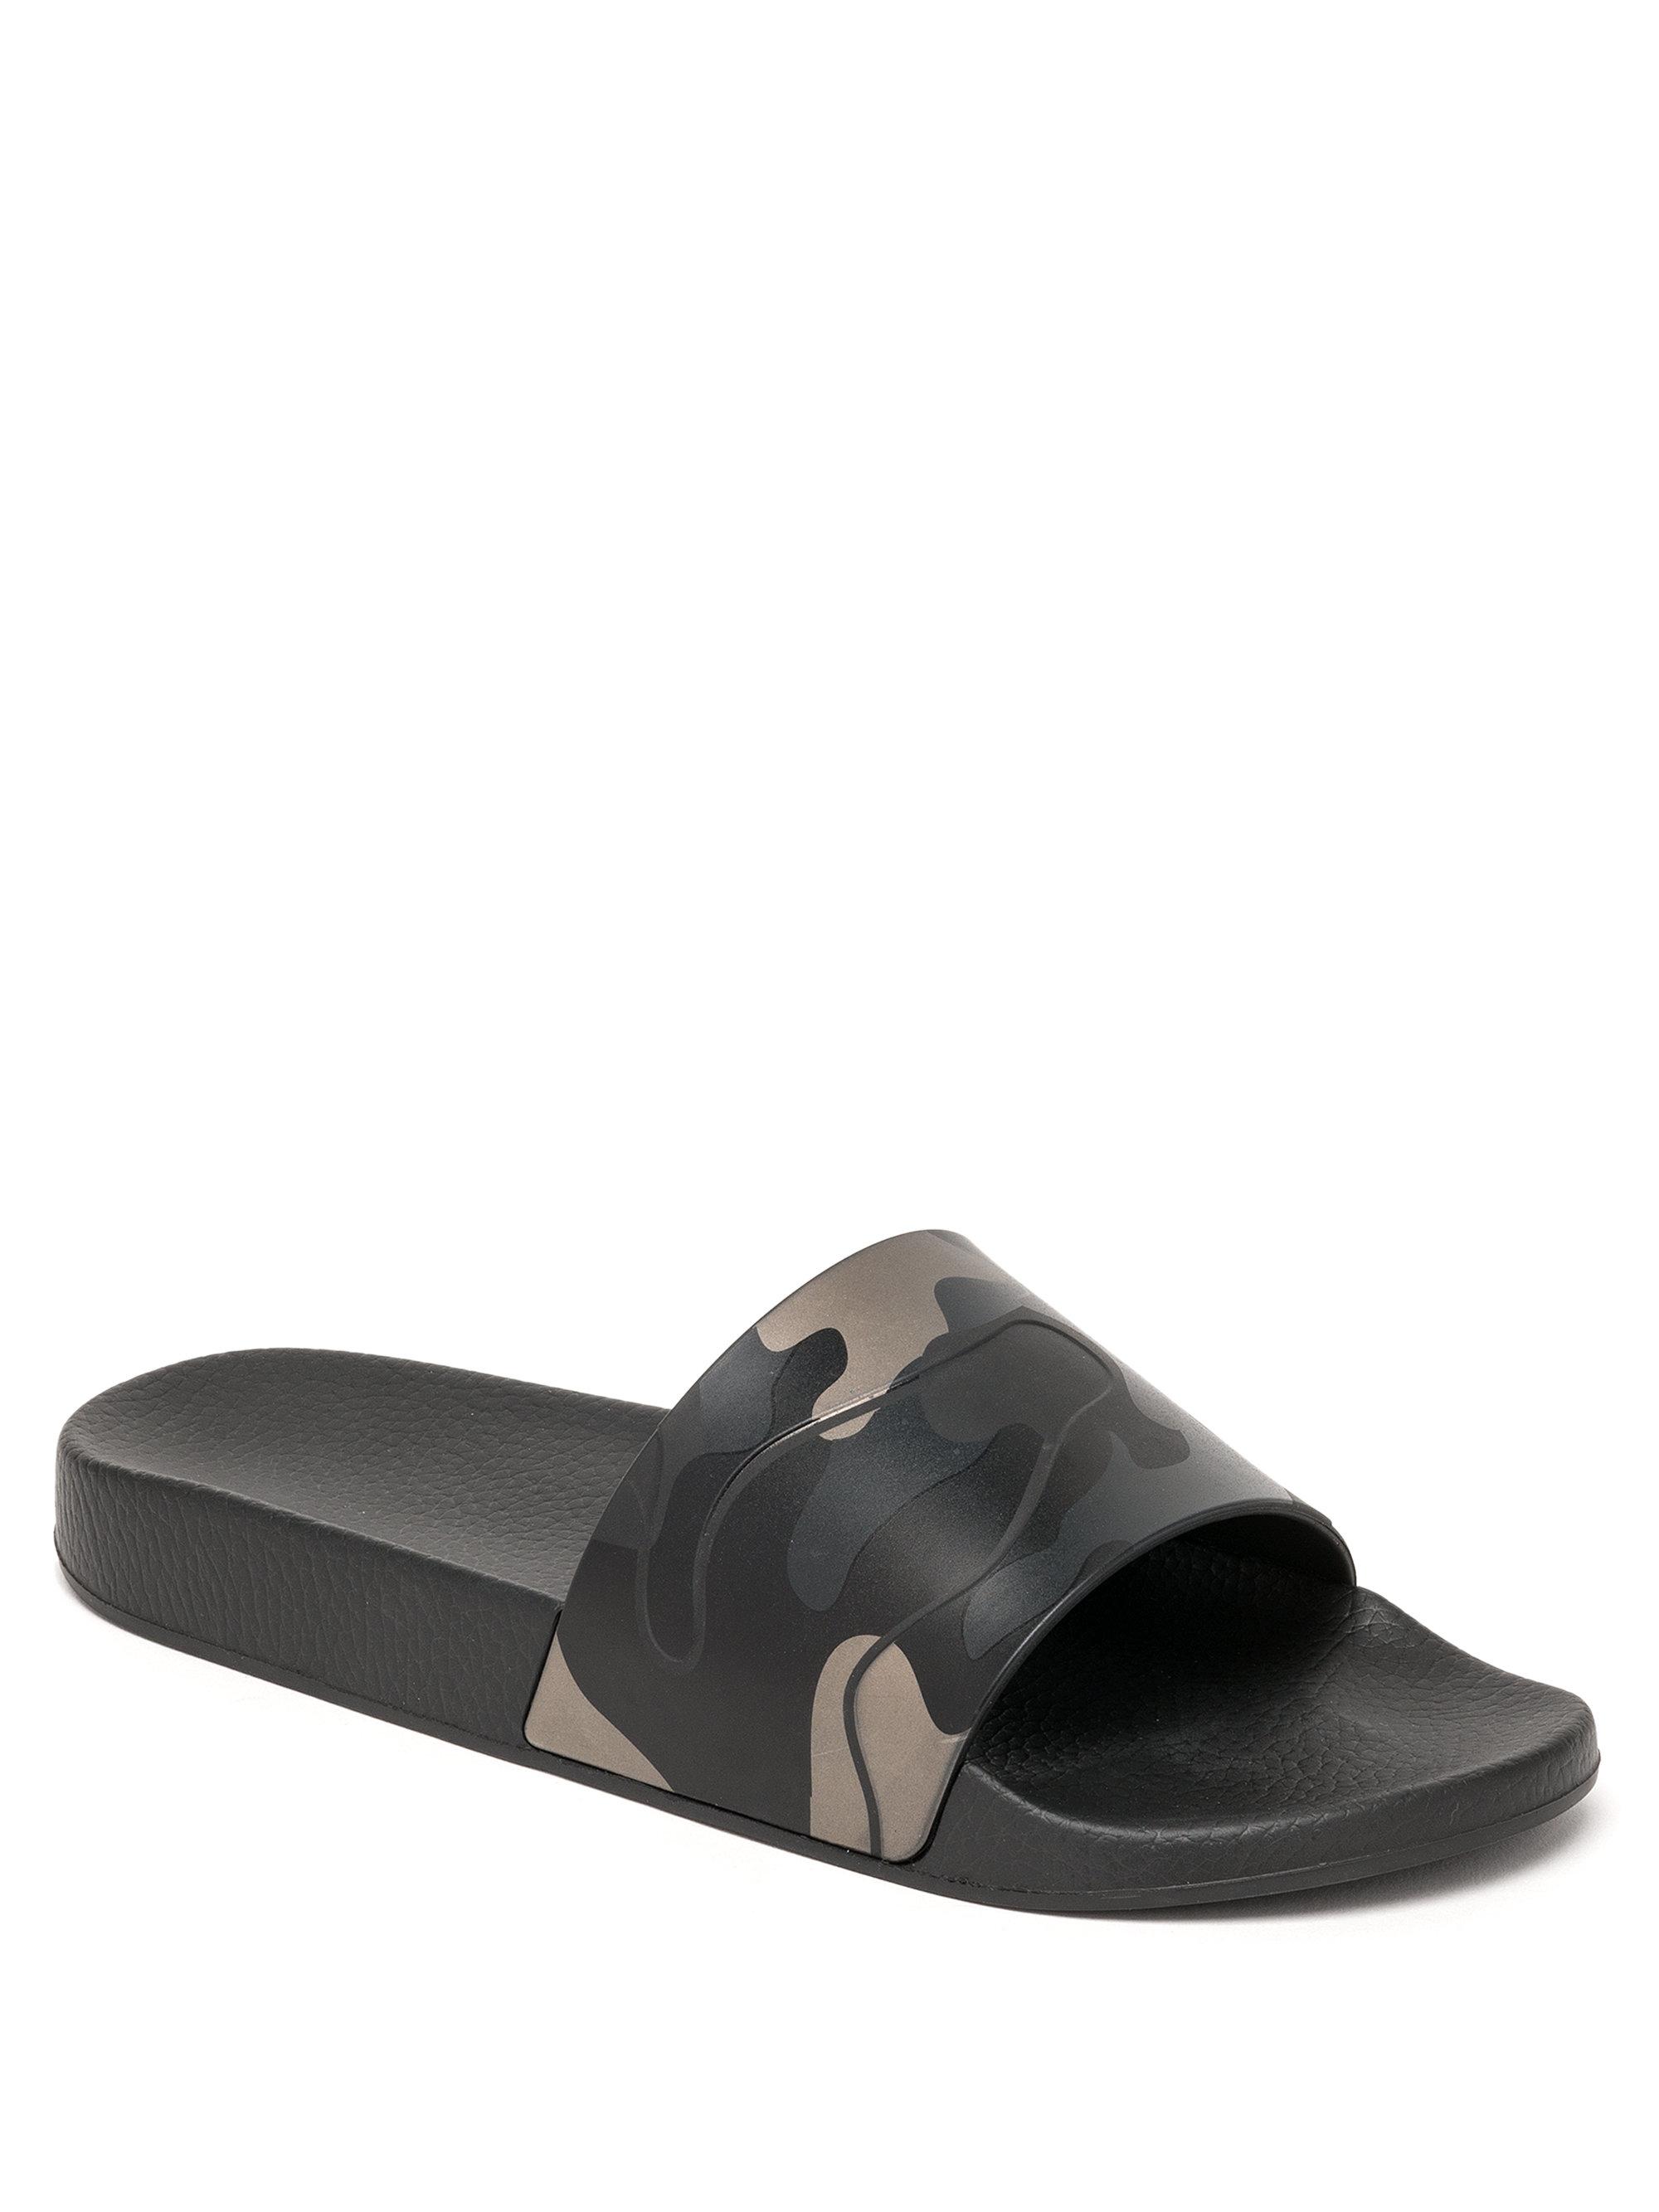 Rubber Rings For Men >> Valentino Camo Slide Sandals in Black for Men | Lyst